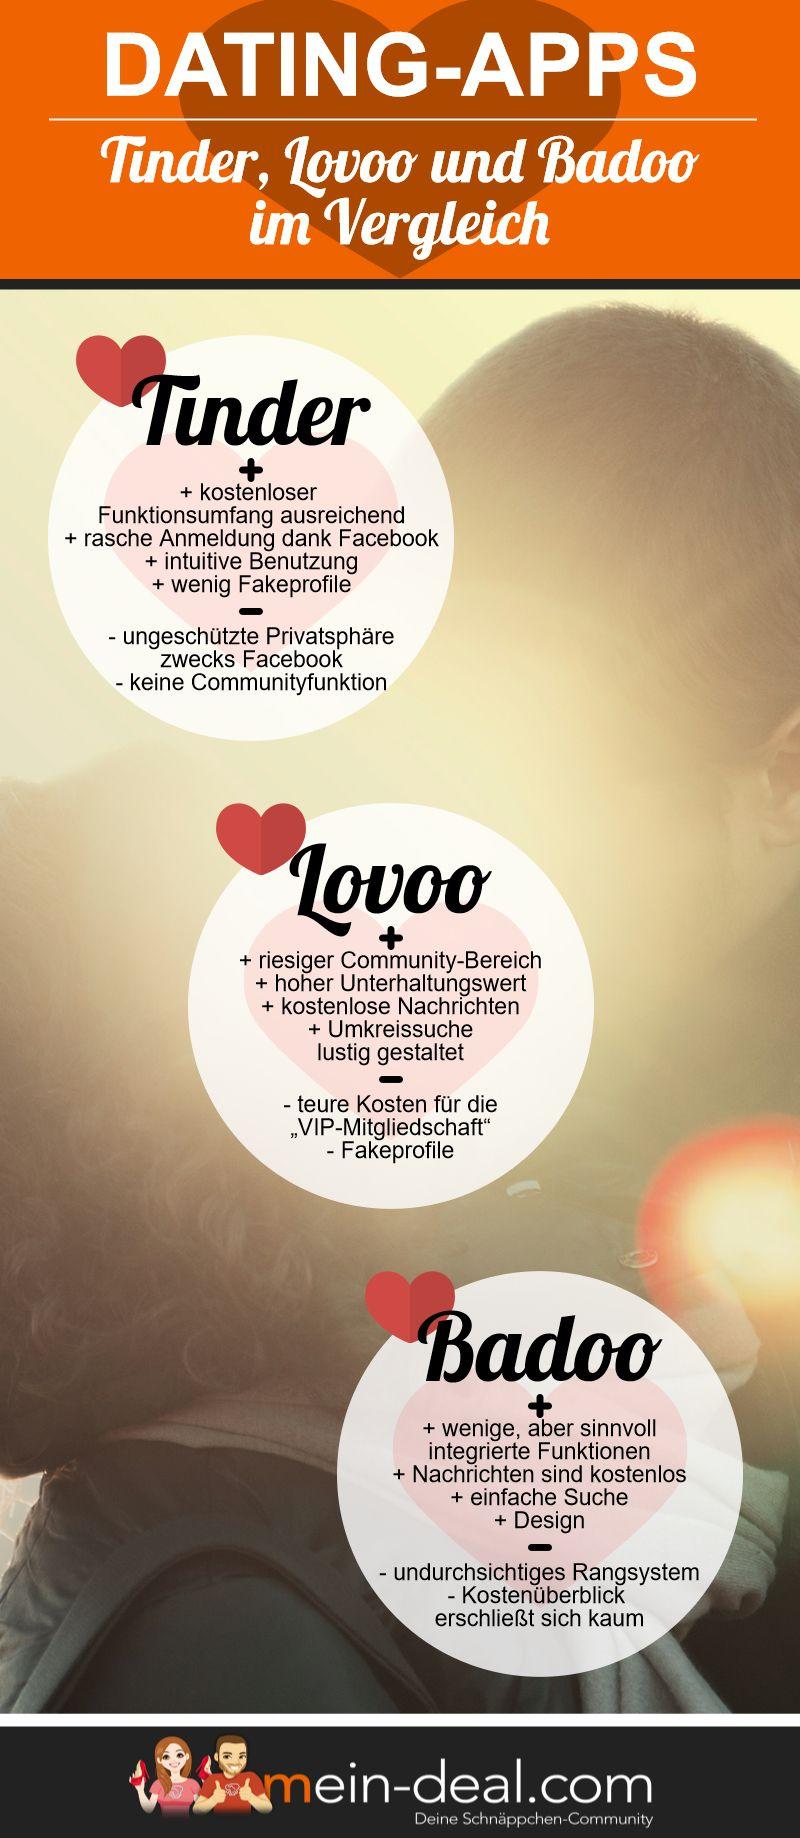 Dating Apps ein Vergleich Dating Apps – Der große Ratgeber um das Thema Tinder, Lovoo und Badoo